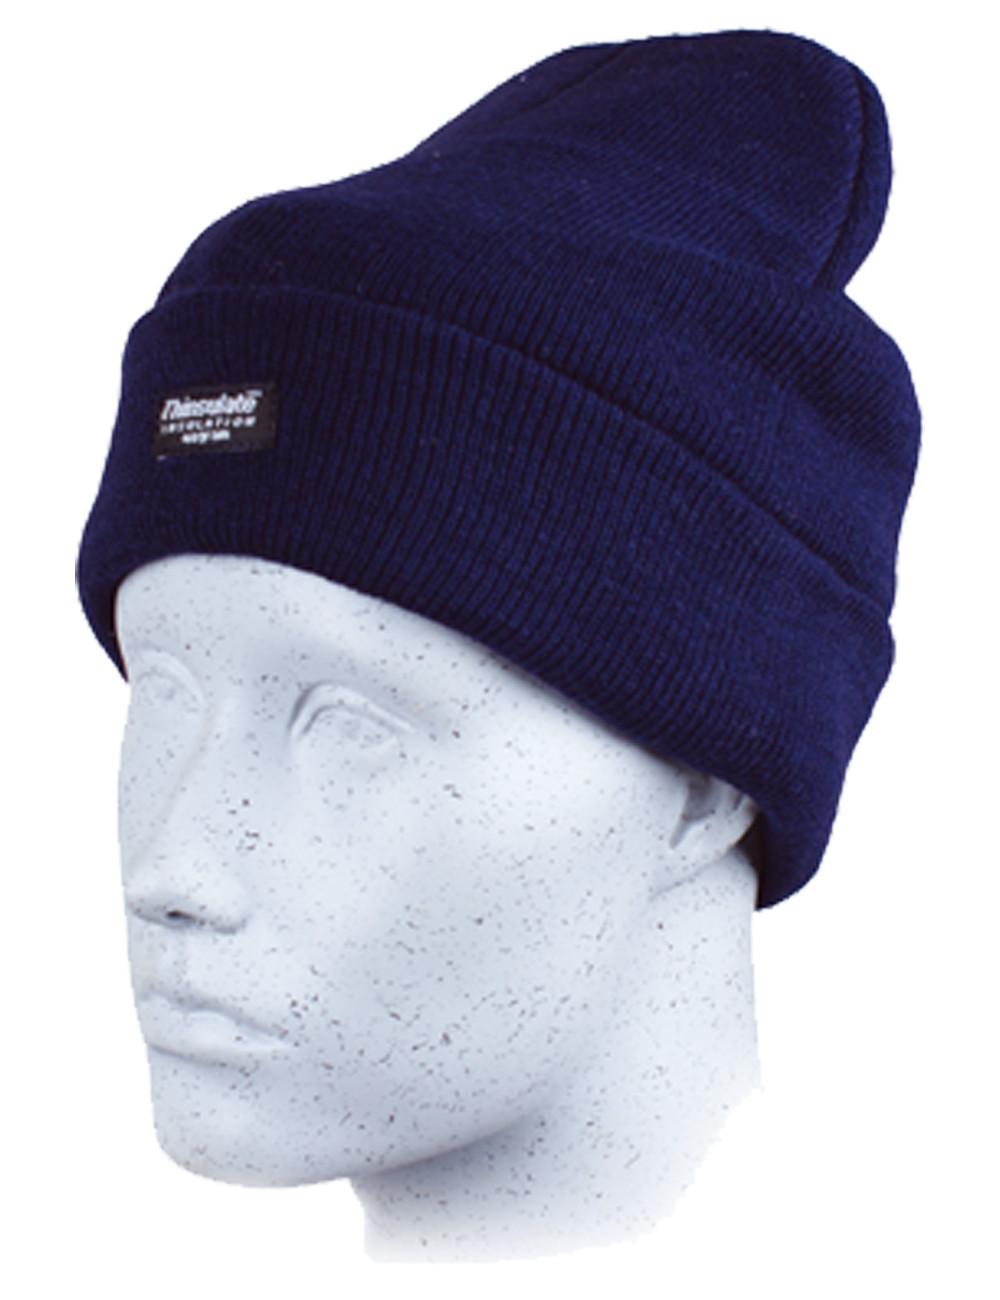 Czapka do chłodni z dzianiny, Thinsulate Hat od Goldfreeze